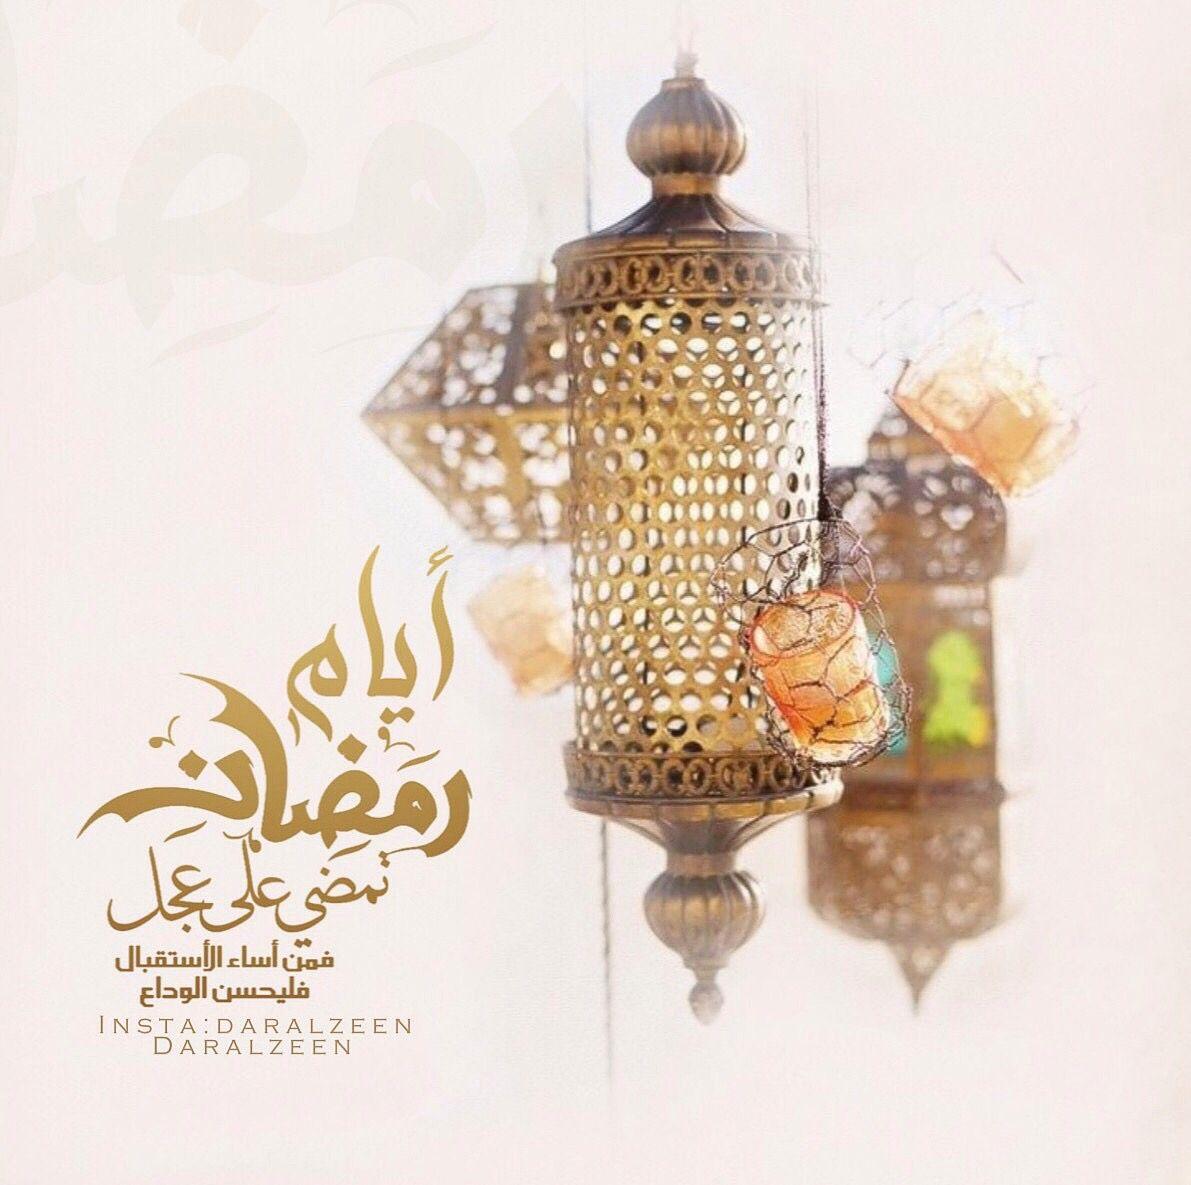 أيام رمضان تمضي على عجل فمن أساء الاستقبال فليحسن الوداع Wall Lights Decor Wall